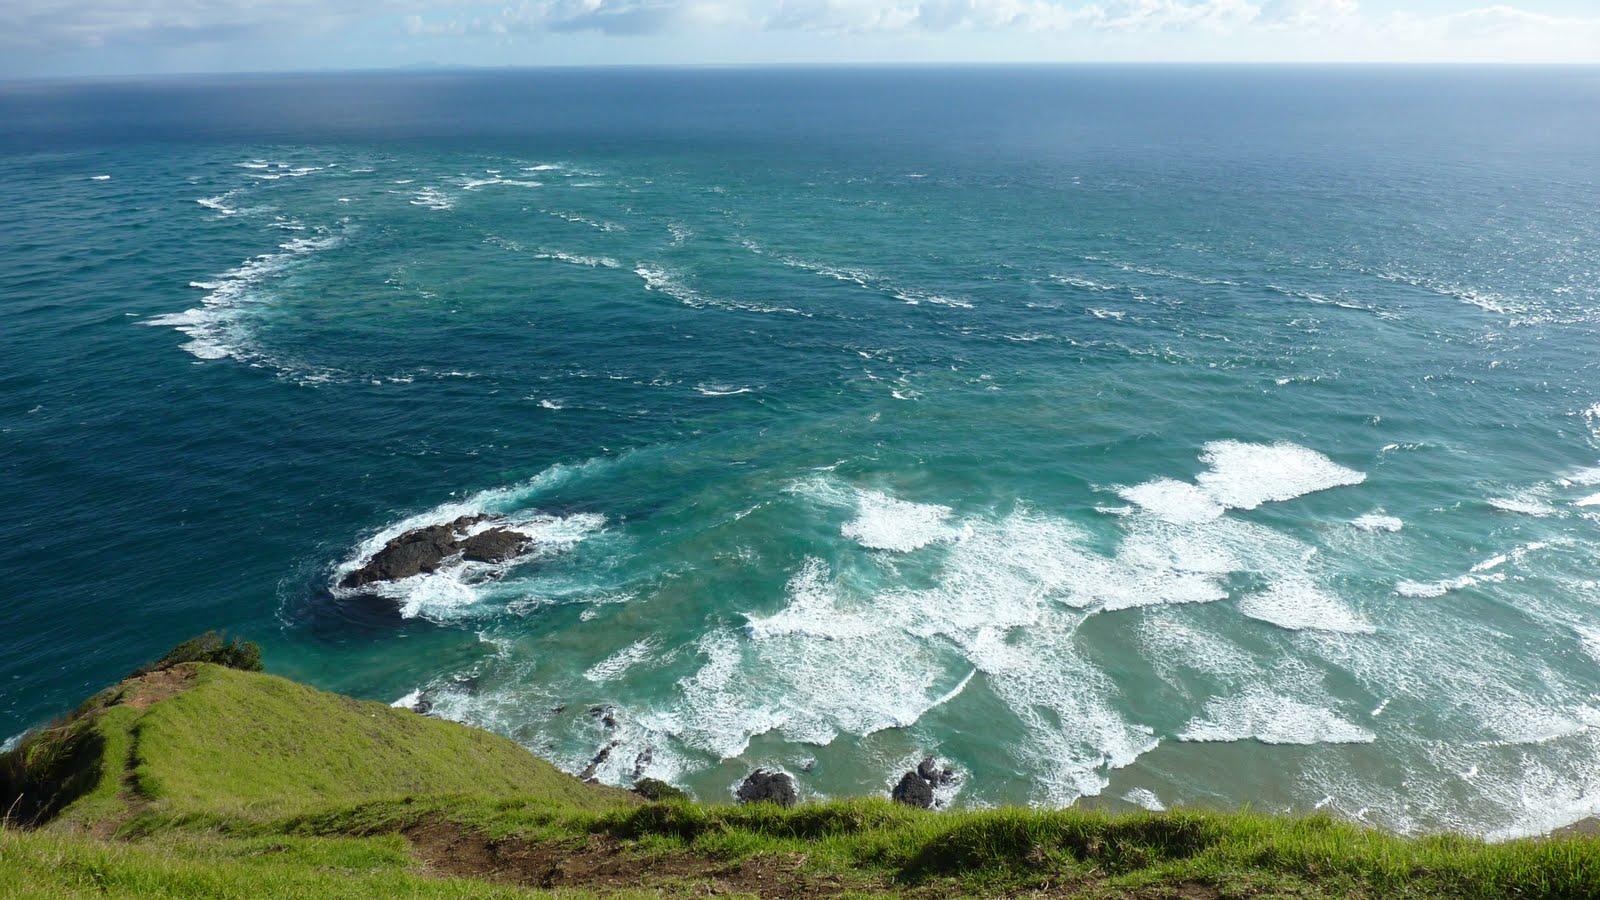 zwei ozeane treffen aufeinander